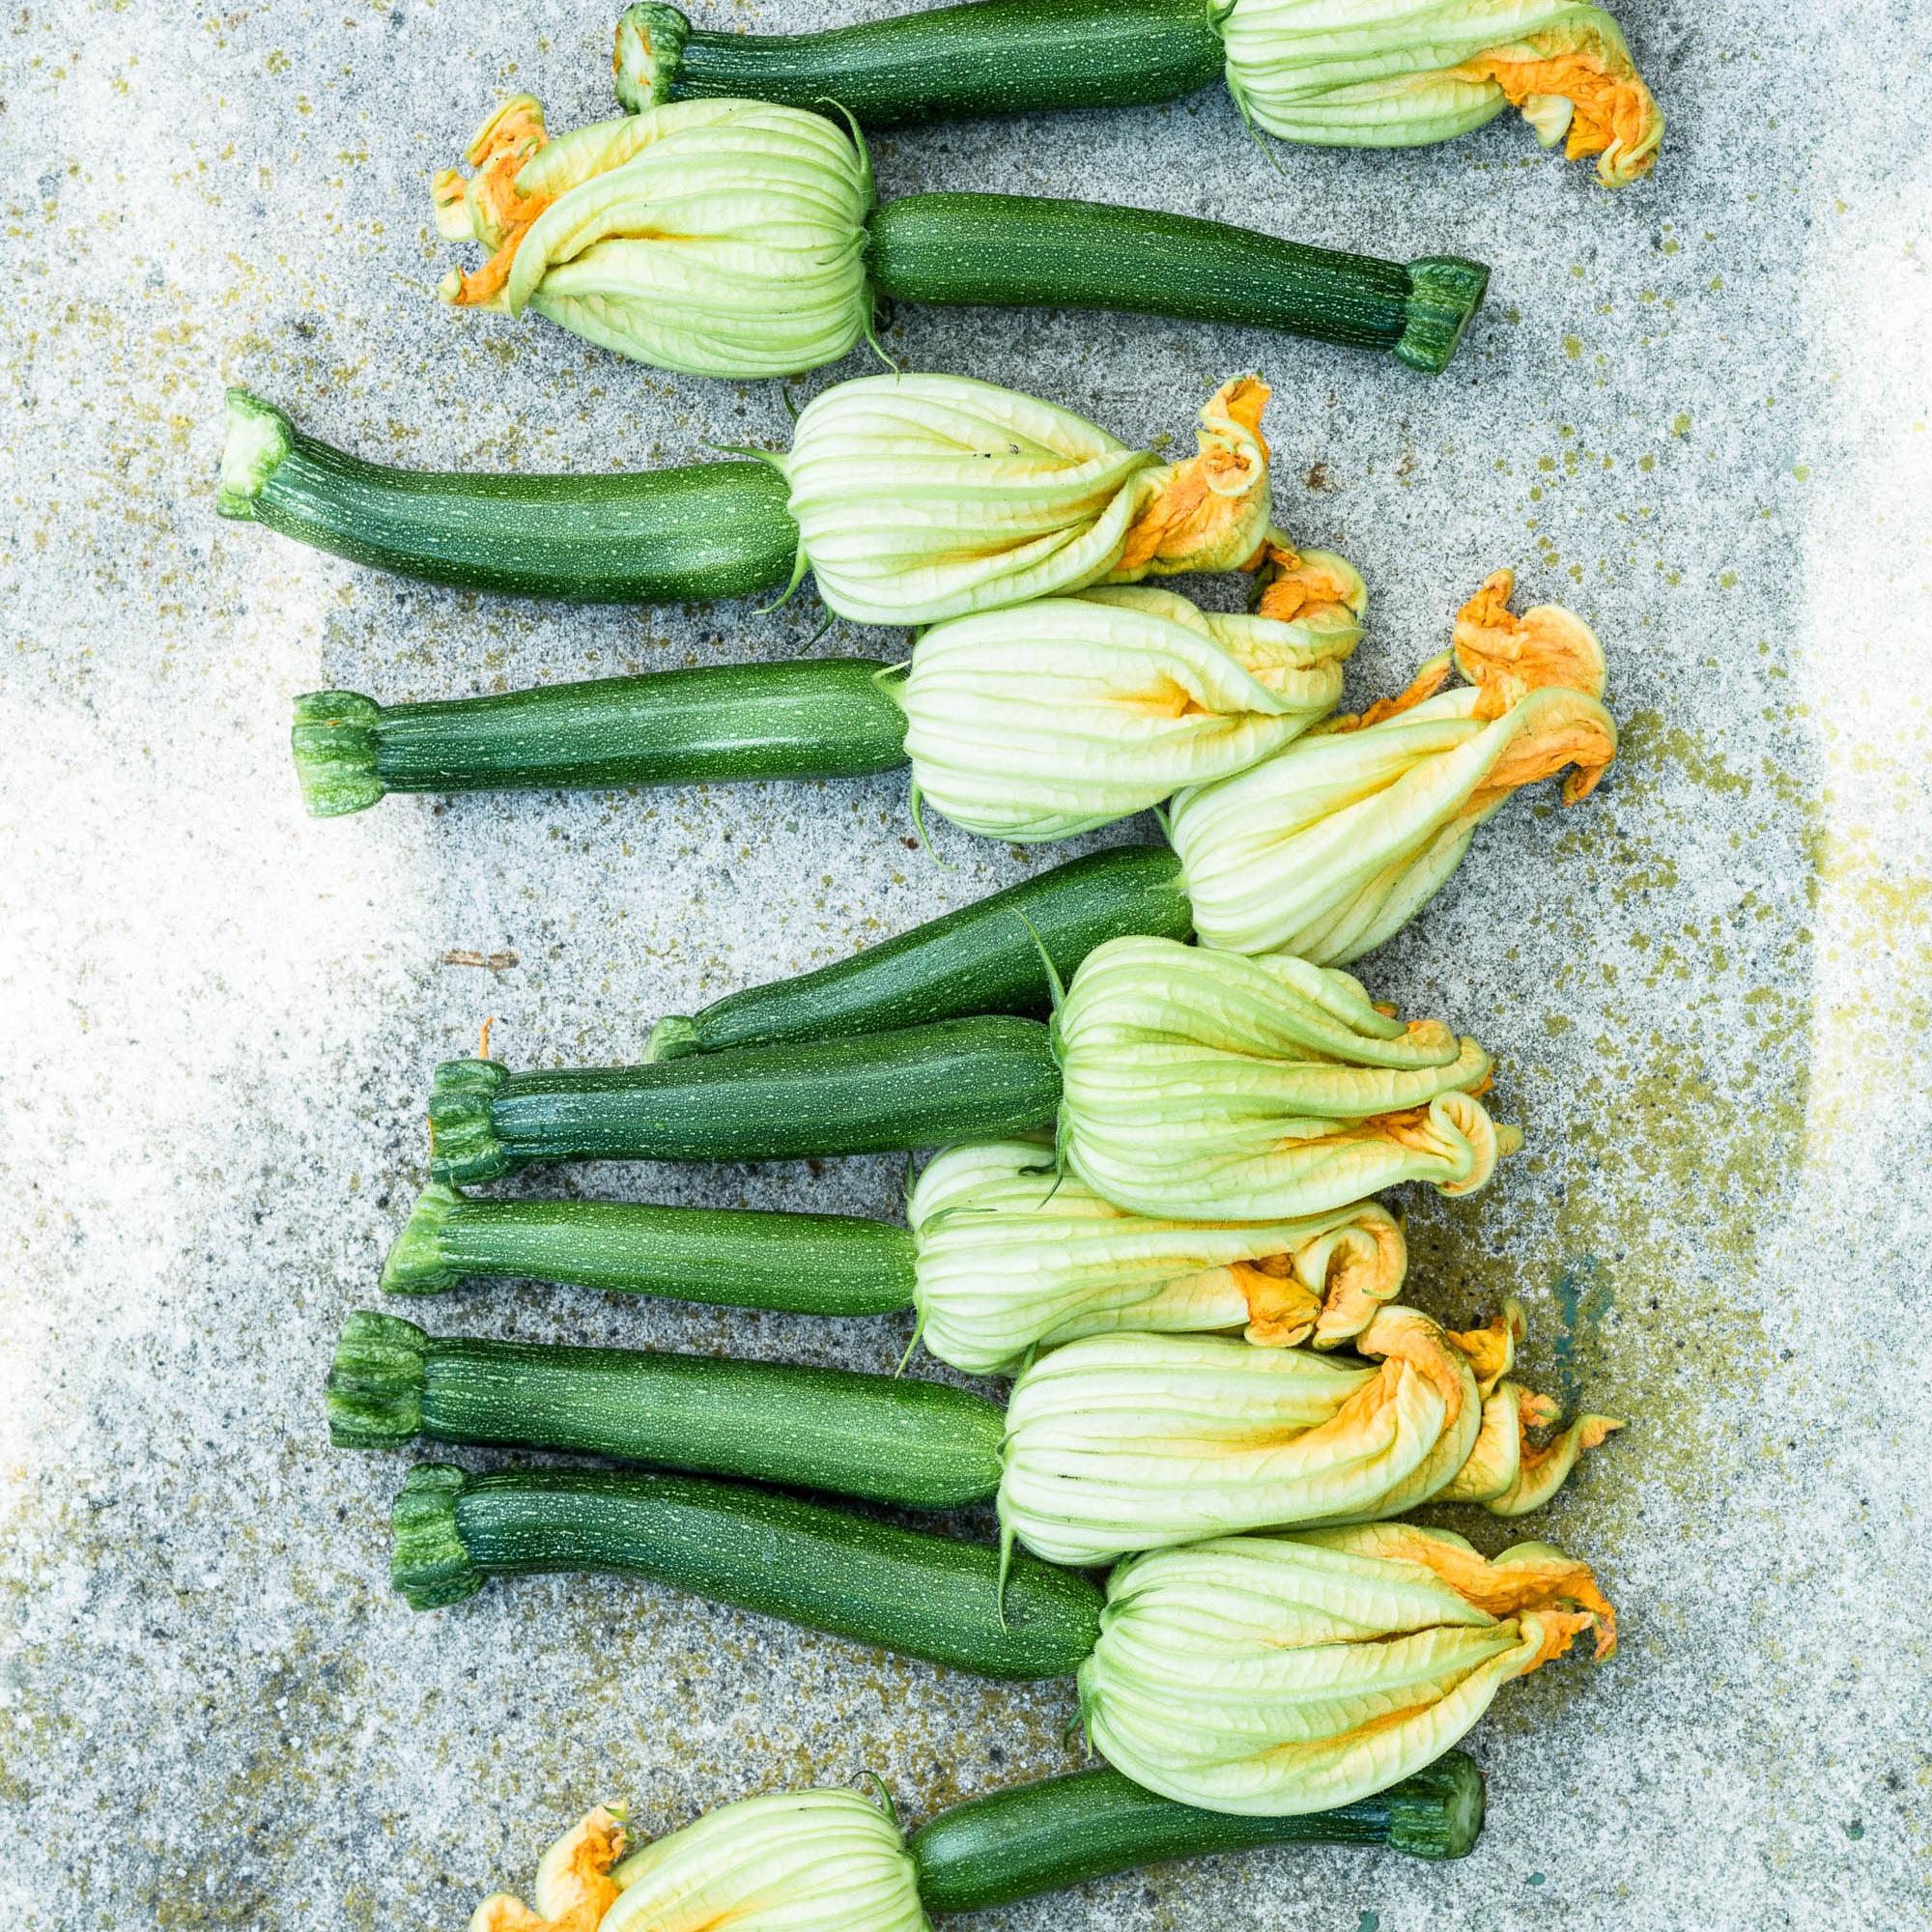 Zucchiniblüten, an denen kleine, etwa fingerlange Zucchini hängen: Das sind die weiblichen Blüten. - veggielicious | gemüse. fotos. rezepte.